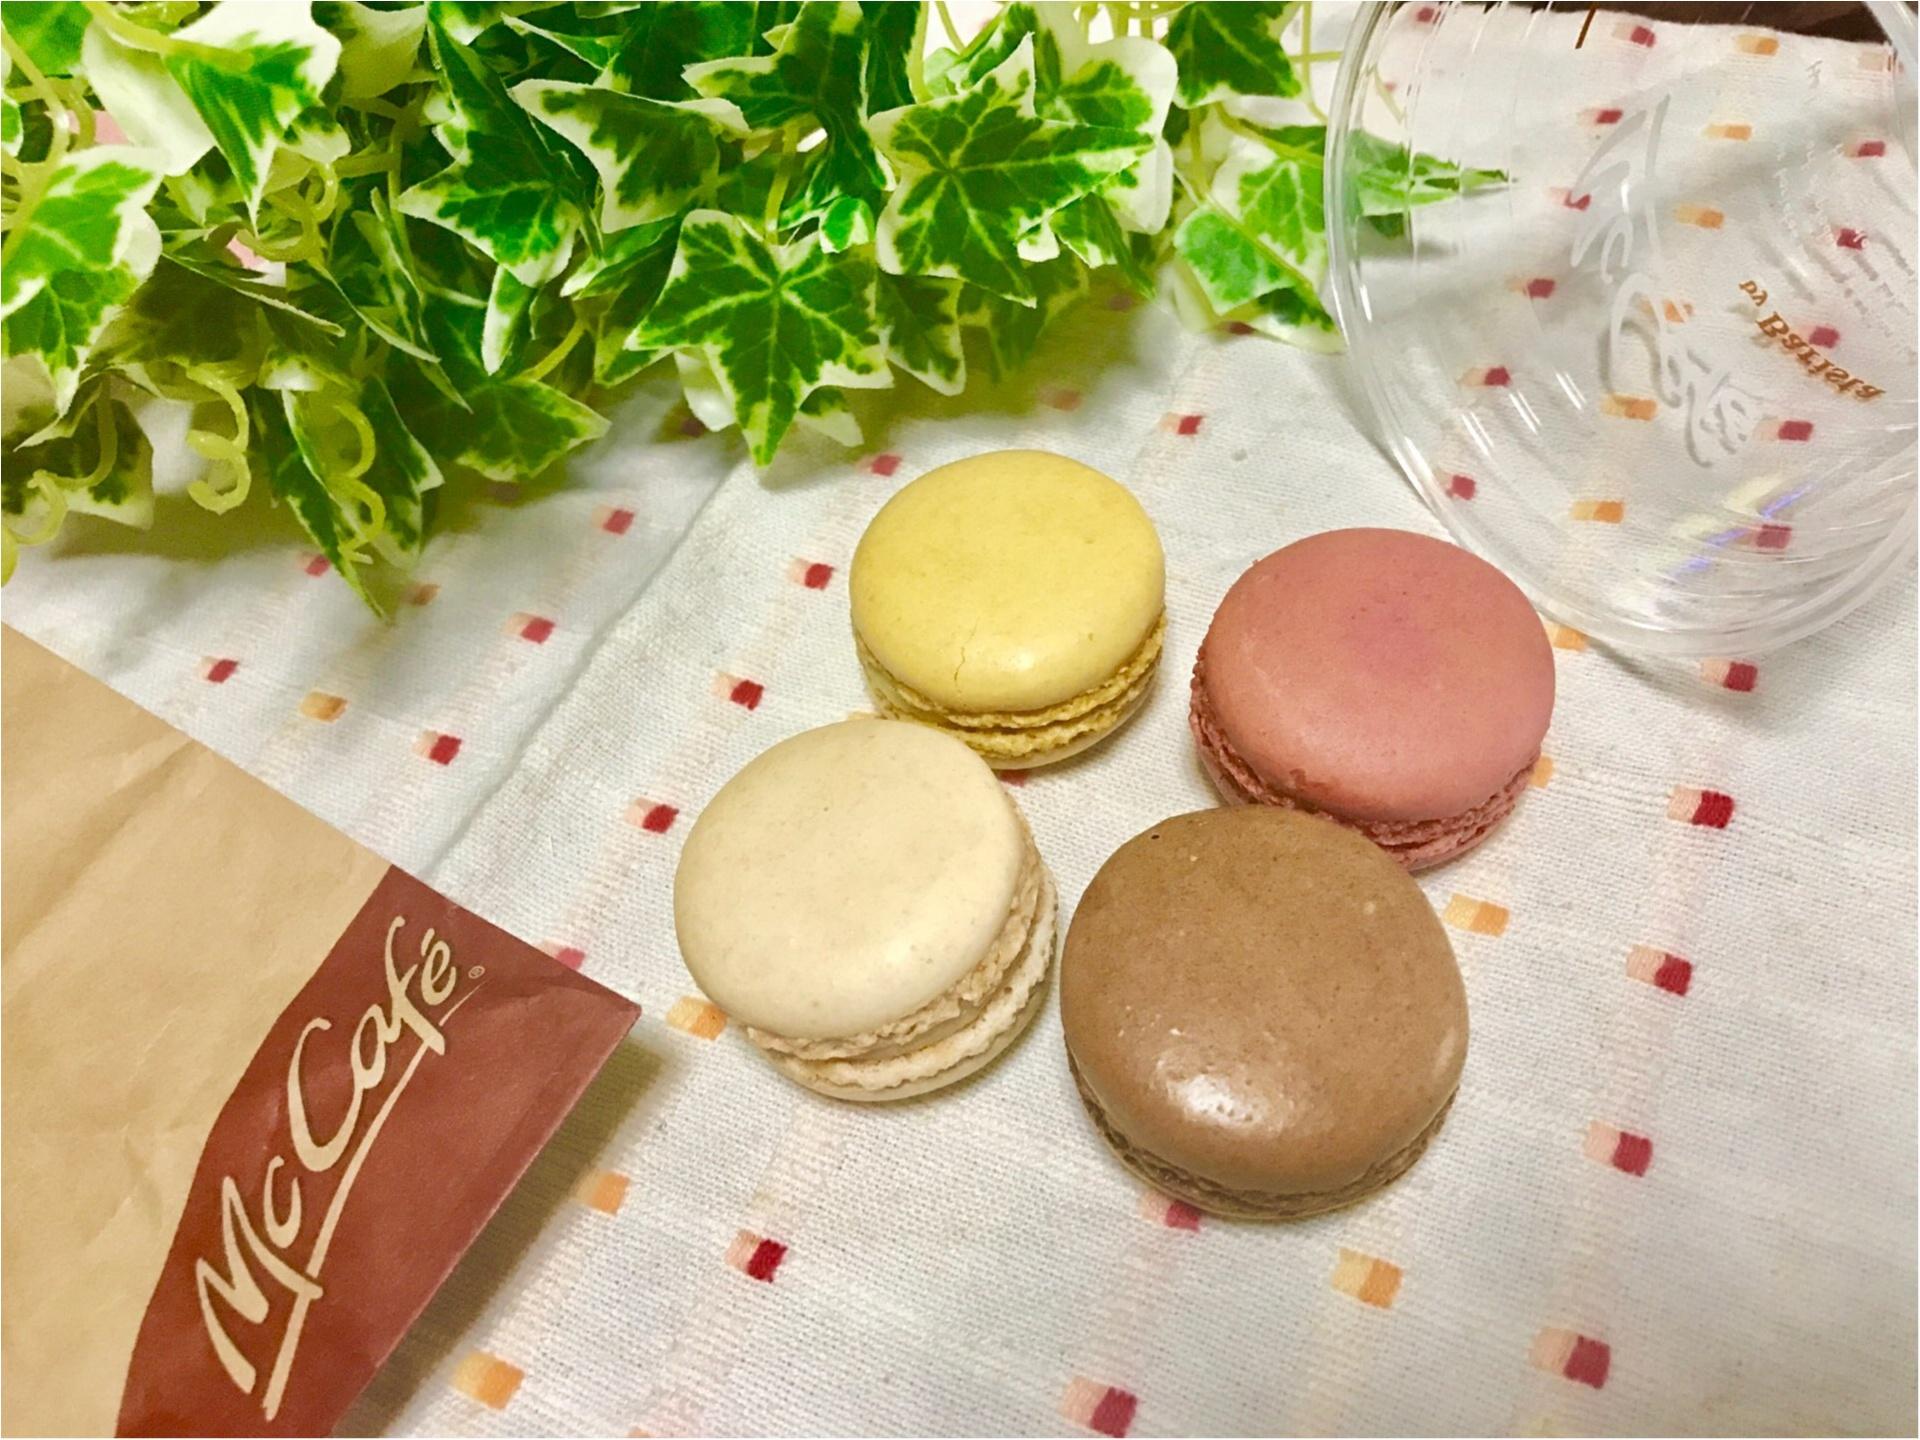 【McCafe by Barista】フランス直輸入!4種類の《マカロン》がレギュラーメニューで再登場❤︎本格マカロンがお手頃価格で食べれちゃいます♡♡_3